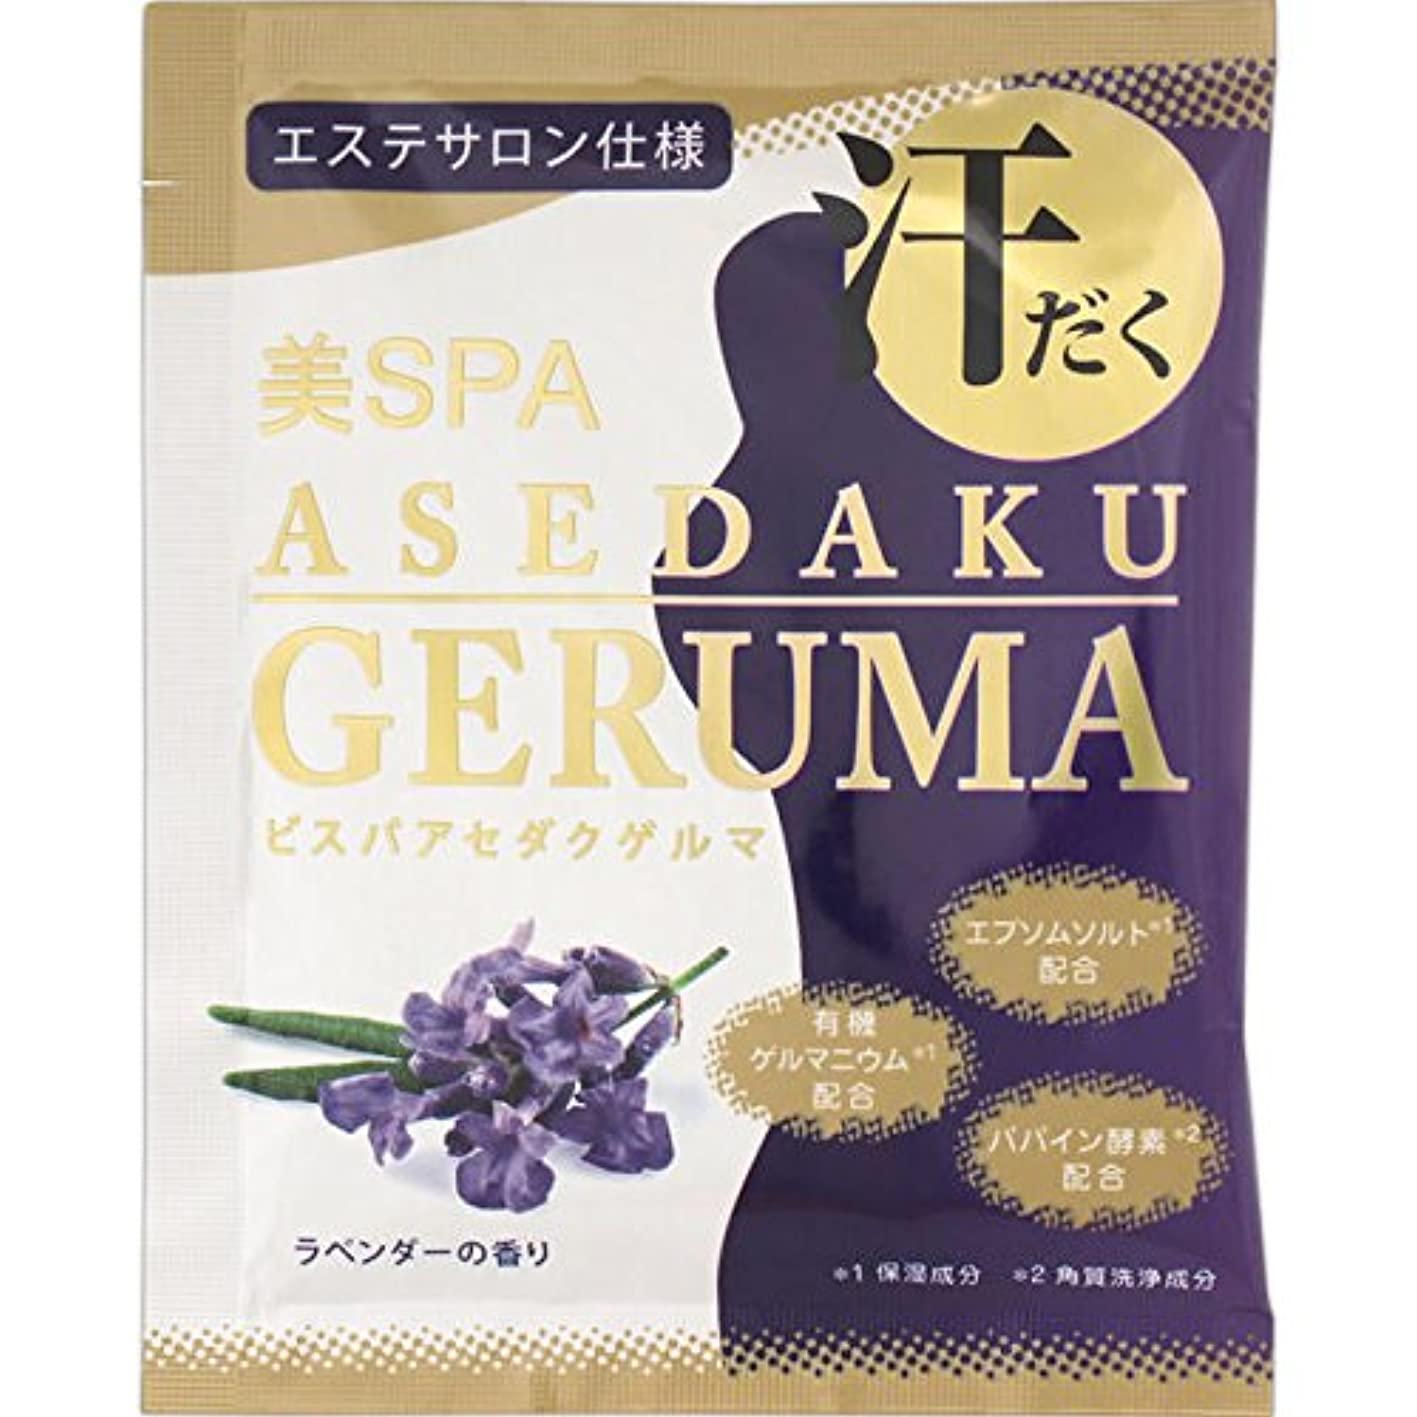 八スタジオ名詞日本生化学 美SPA ASEDAKU GERUMA ラベンダー 30g